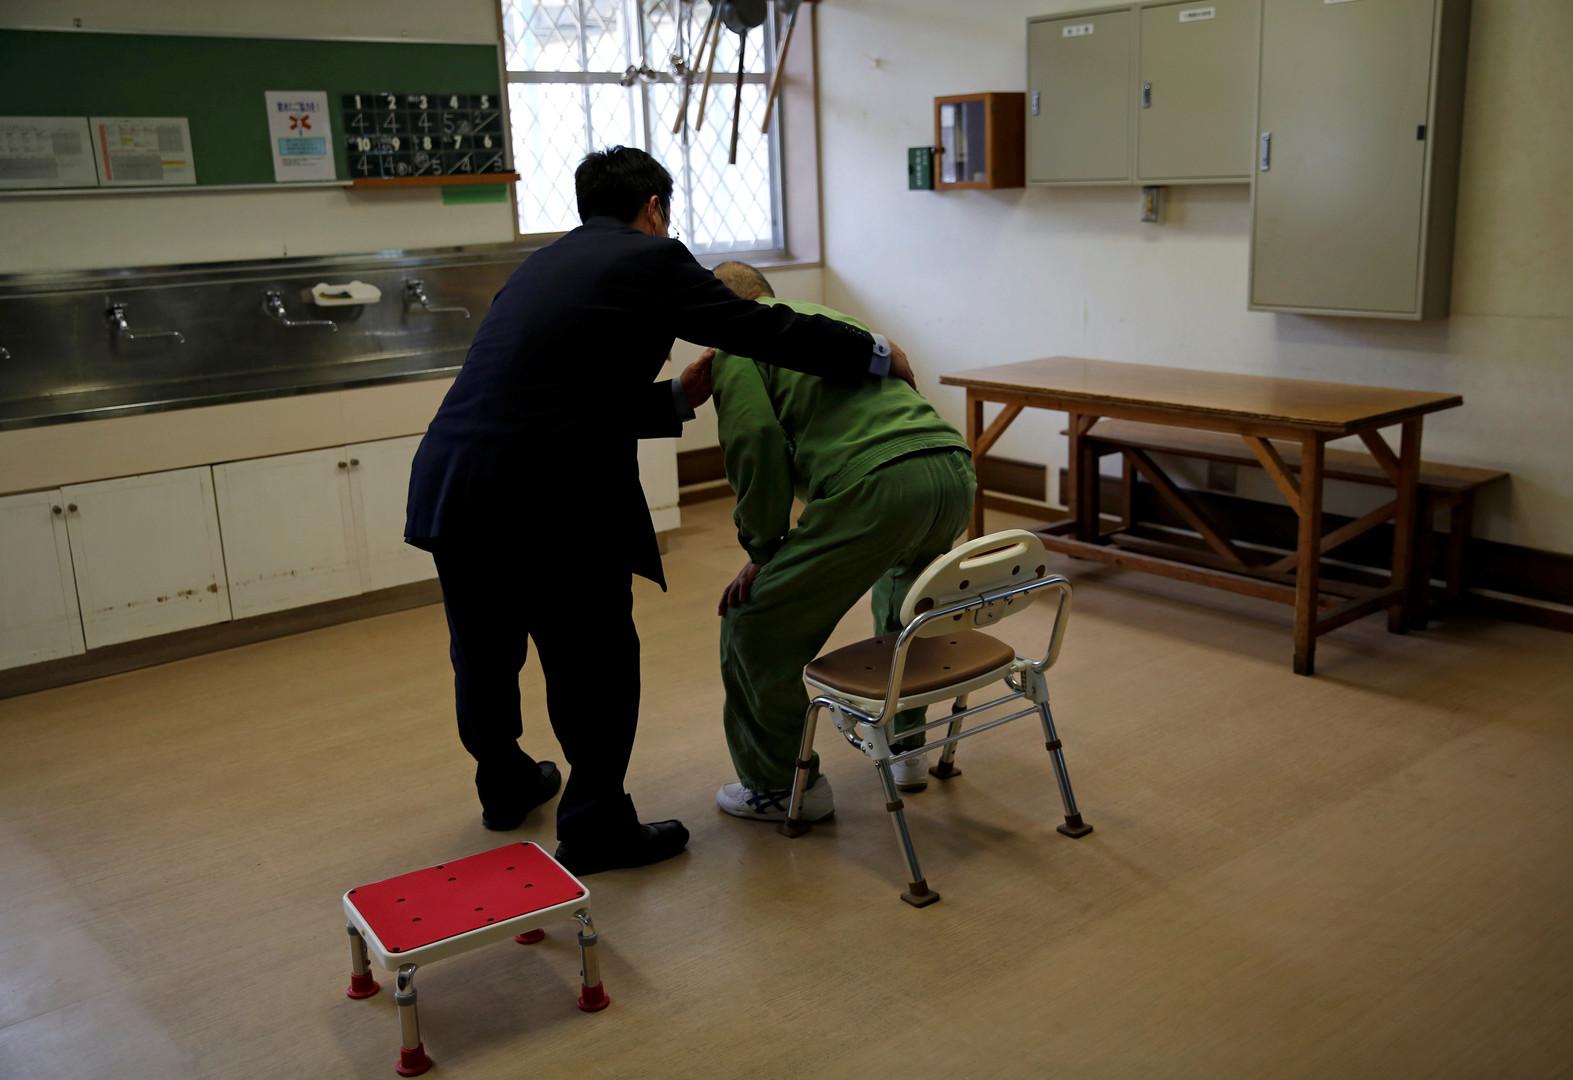 Ein Angestellter hilft dem alten Mann während einer ärztlichen Untersuchung zur Mobilität. Ungefähr zwei Dutzend Gefangene in fortgeschrittenem Alter leben in dem Gefängnis.